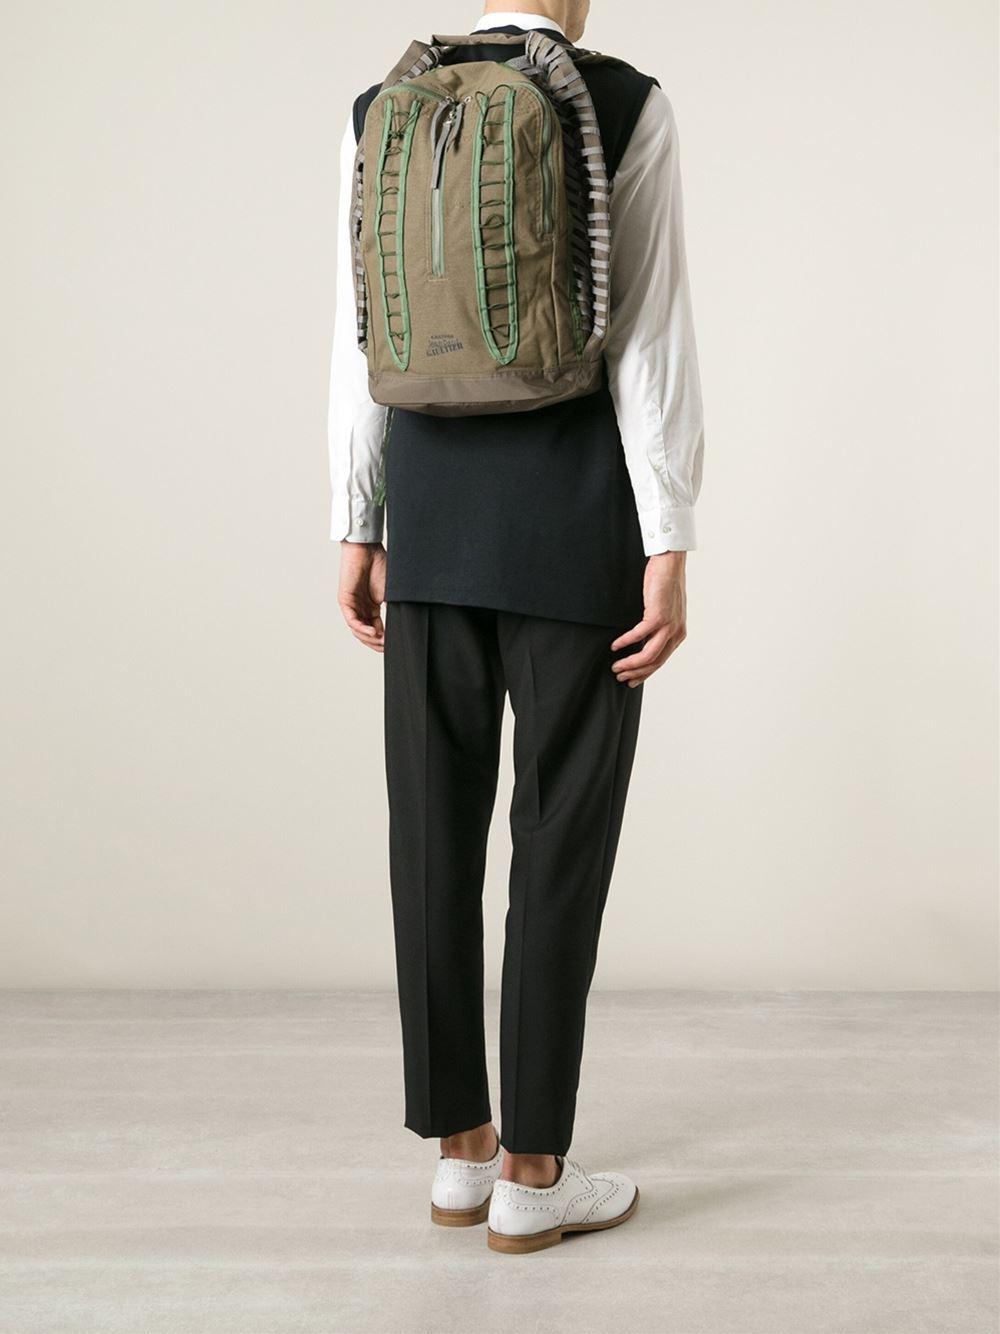 eastpak x jean paul gaultier backpack in green for men lyst. Black Bedroom Furniture Sets. Home Design Ideas